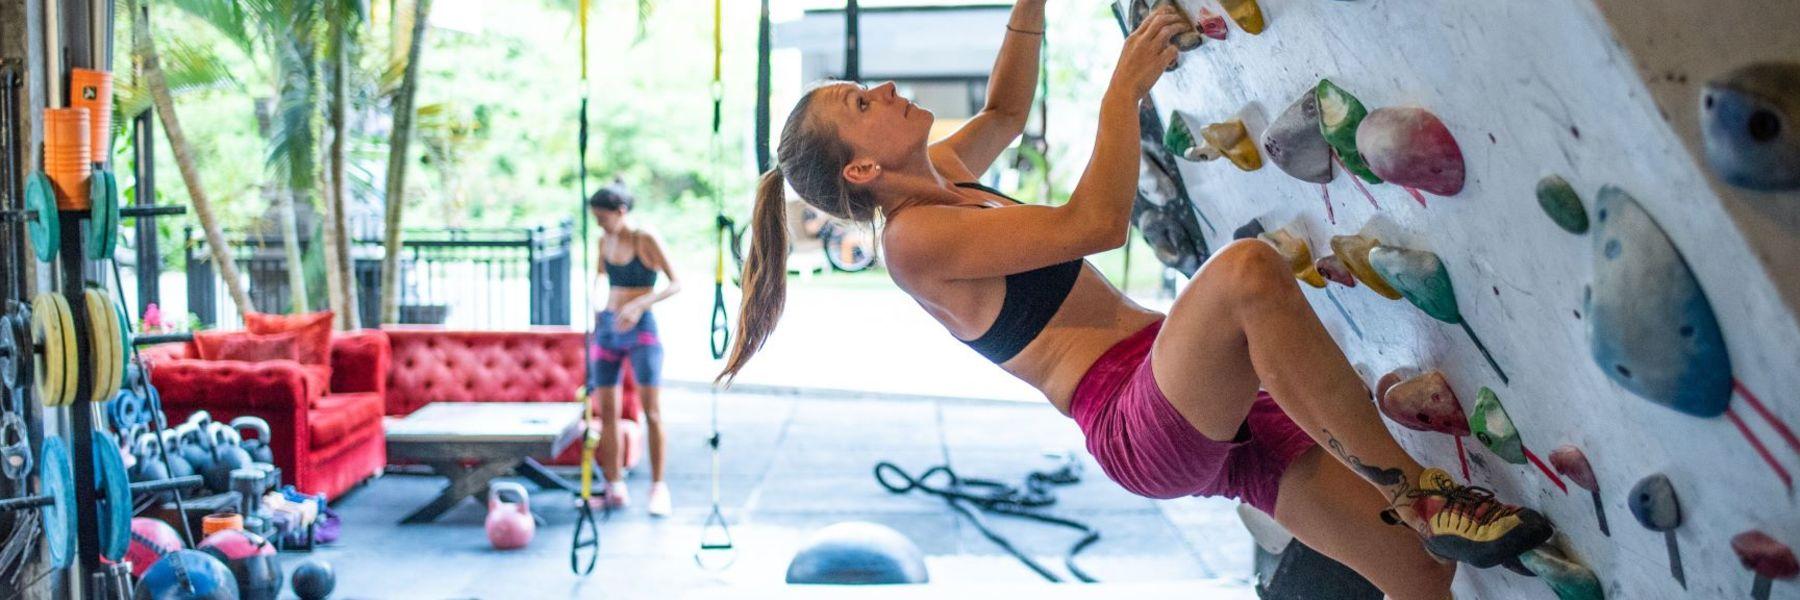 Bali Bouldering Gym image